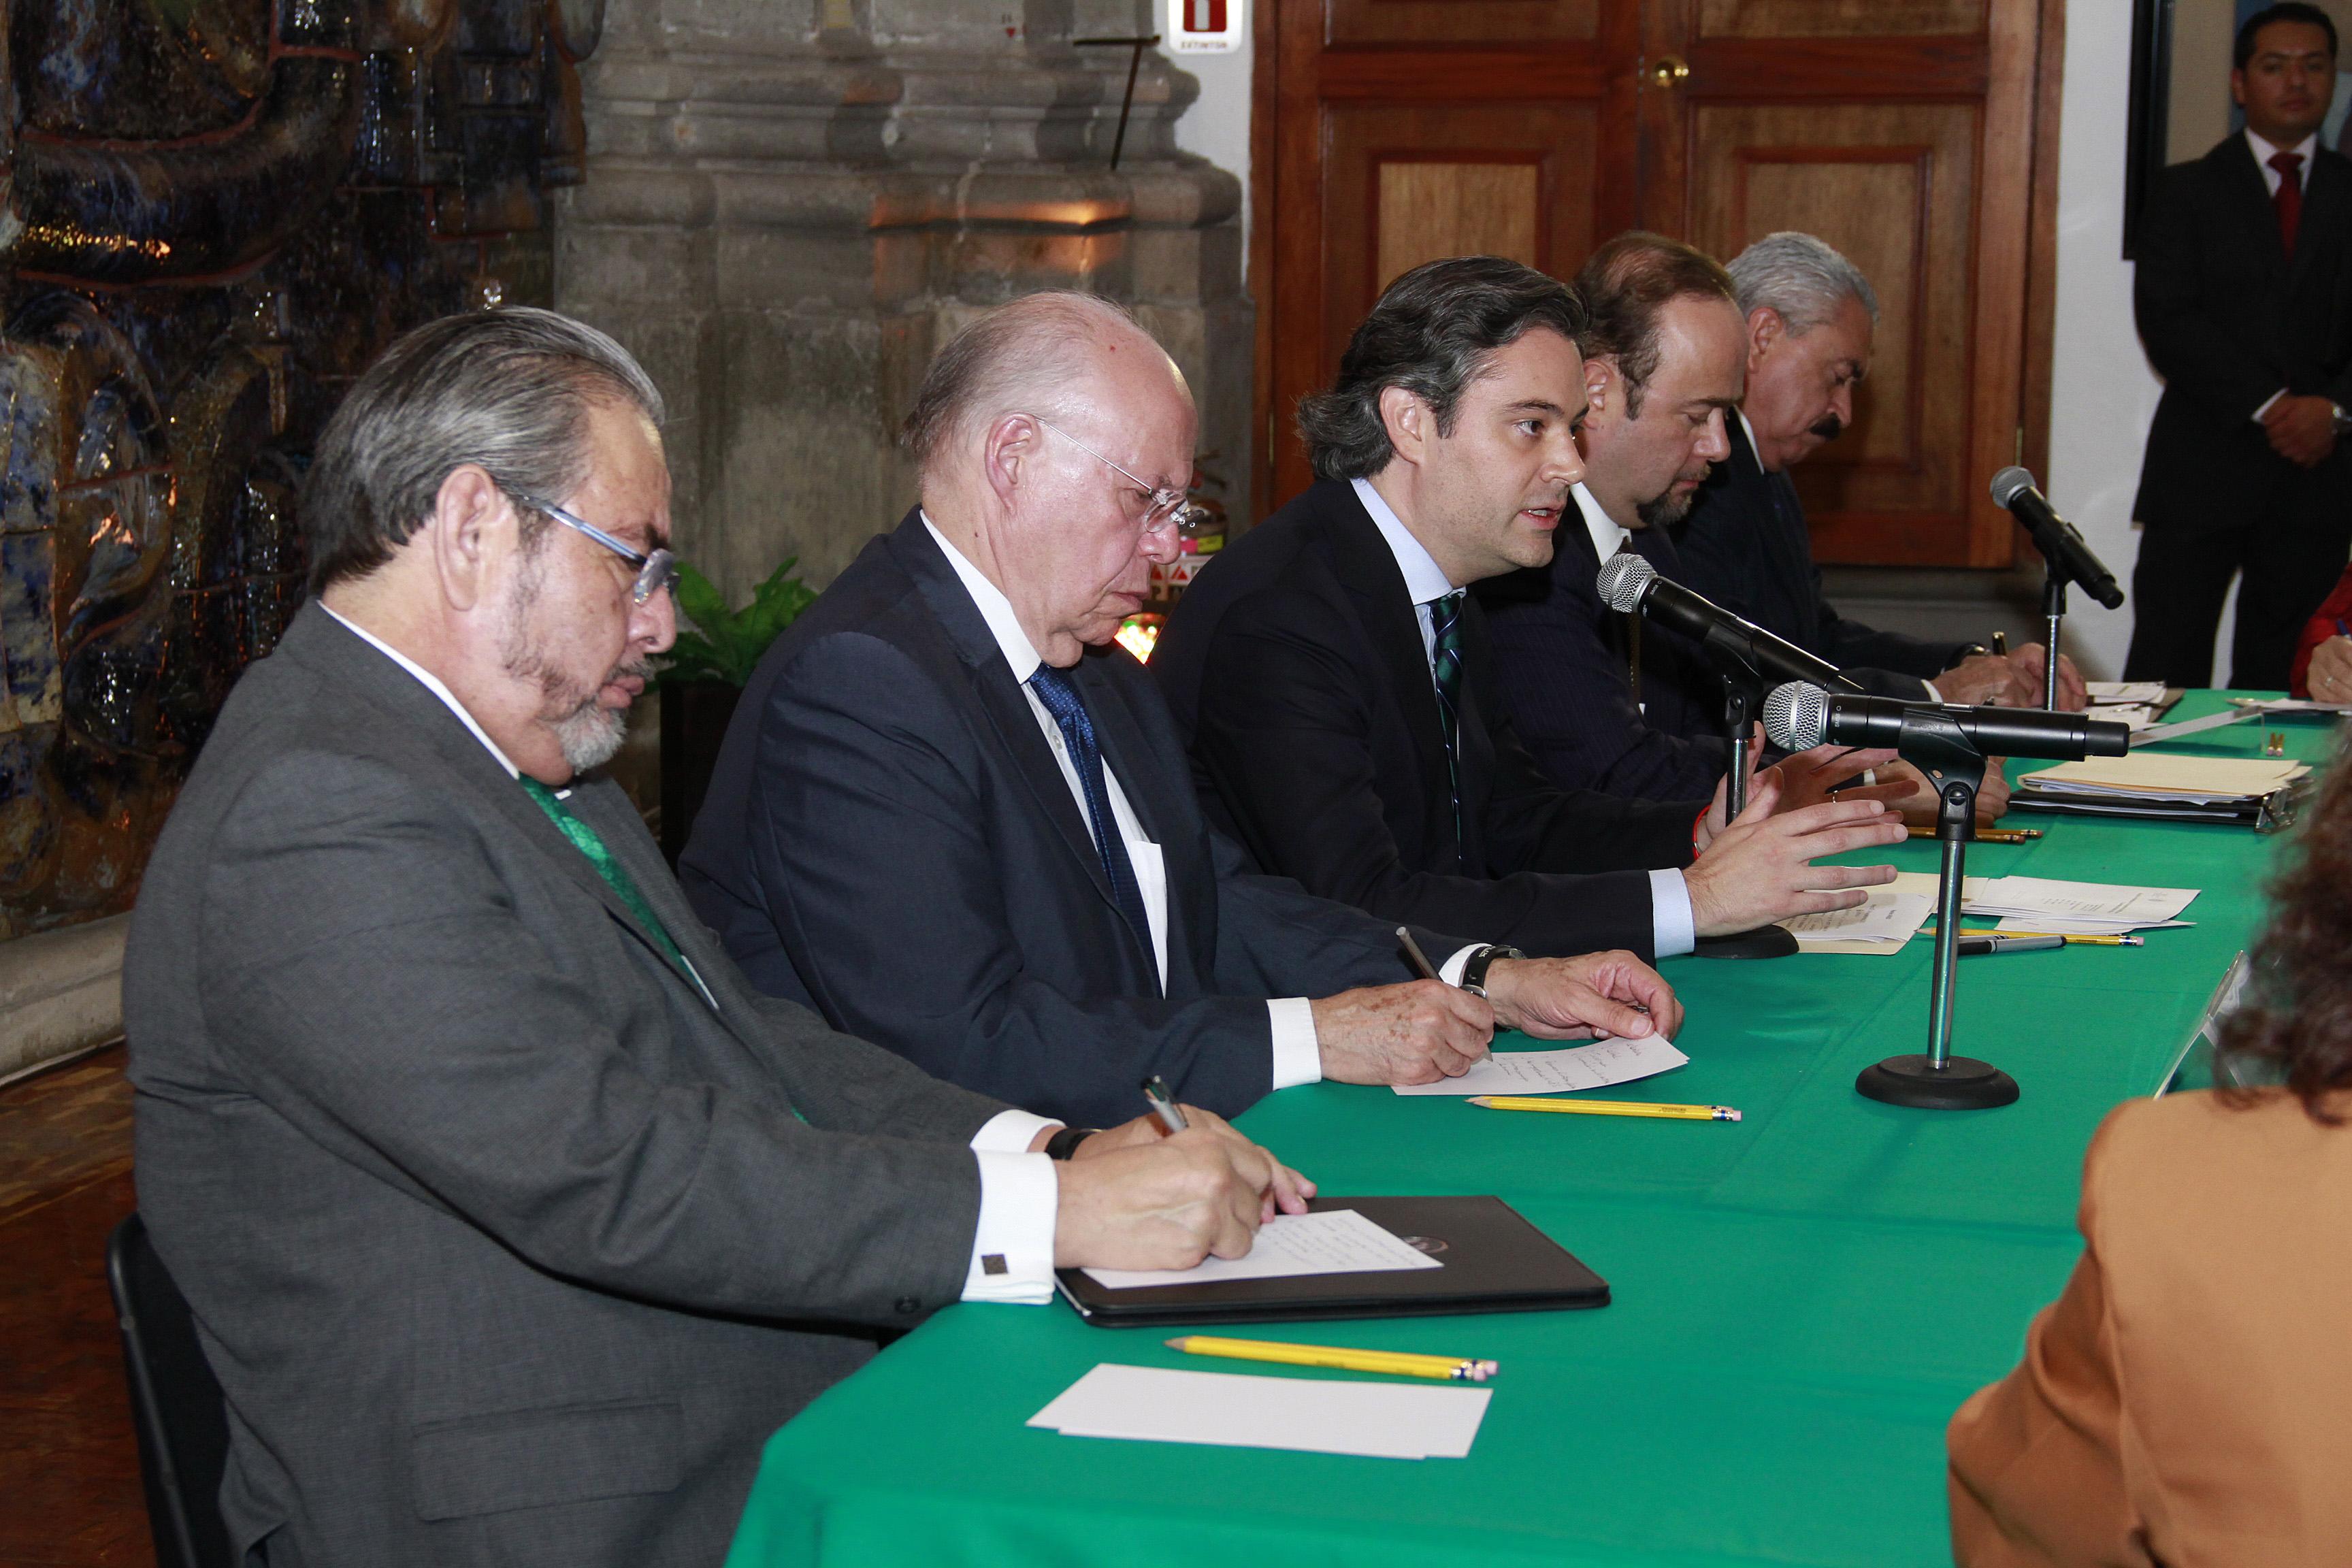 Intervención del secretario de Educación Pública, Aurelio Nuño Mayer, en la reunión con integrantes de la Asociación Nacional de Universidades e Instituciones de Educación Superior, en el salón Nishizawa de la SEP.